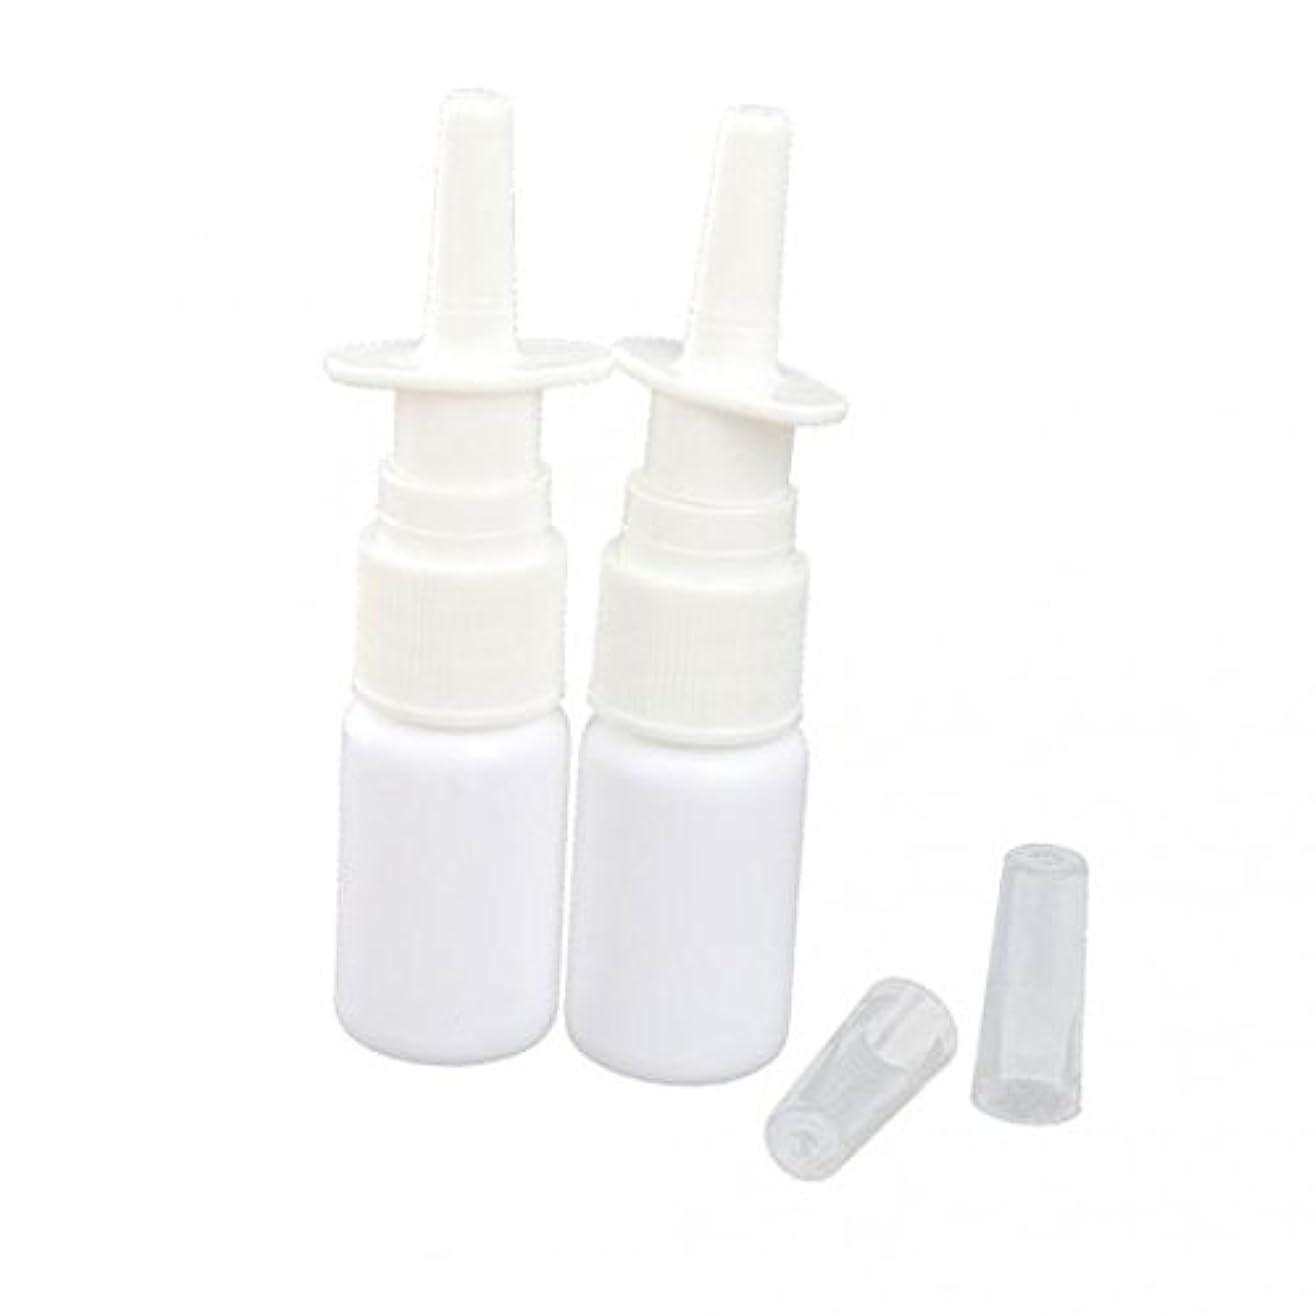 アマゾンジャングル安いです仕様T TOOYFUL 4本 スプレーボトル ポンプボトル 噴霧器 キャップ付き プラスチック 鼻細かいミスト 全2サイズ - 15ミリリットル